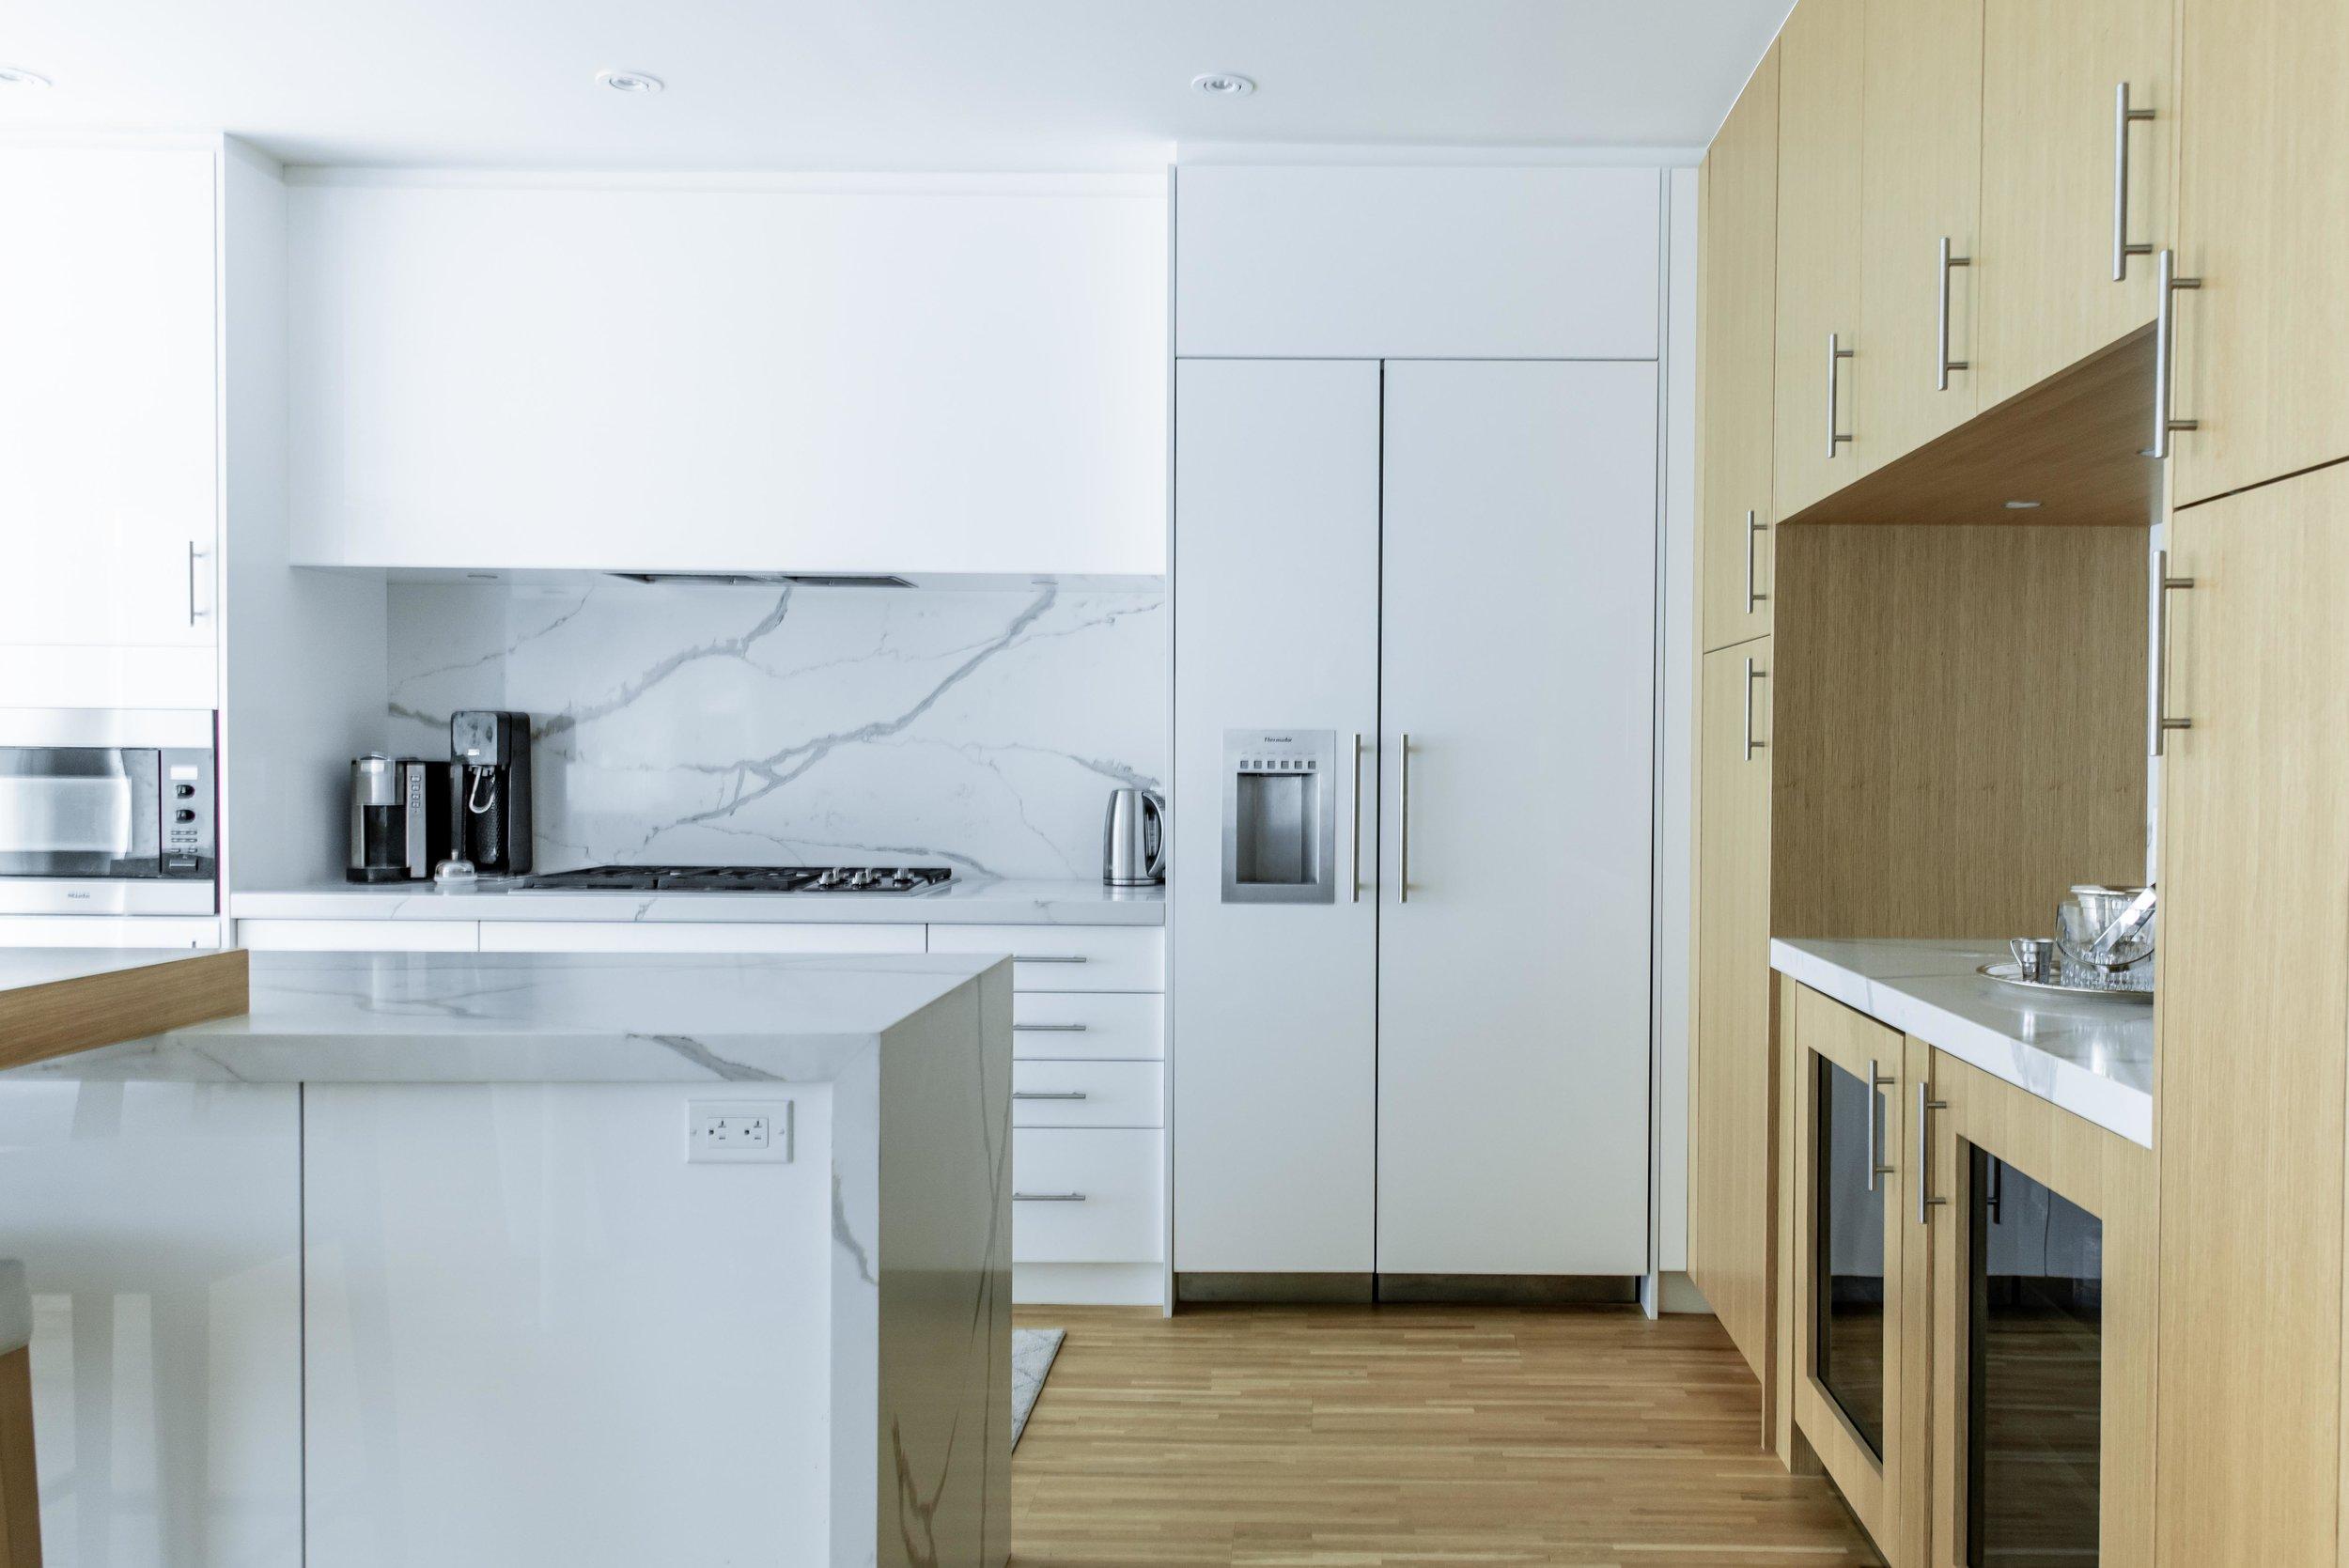 DSC_9123 - Kitchen Bar Low.jpg